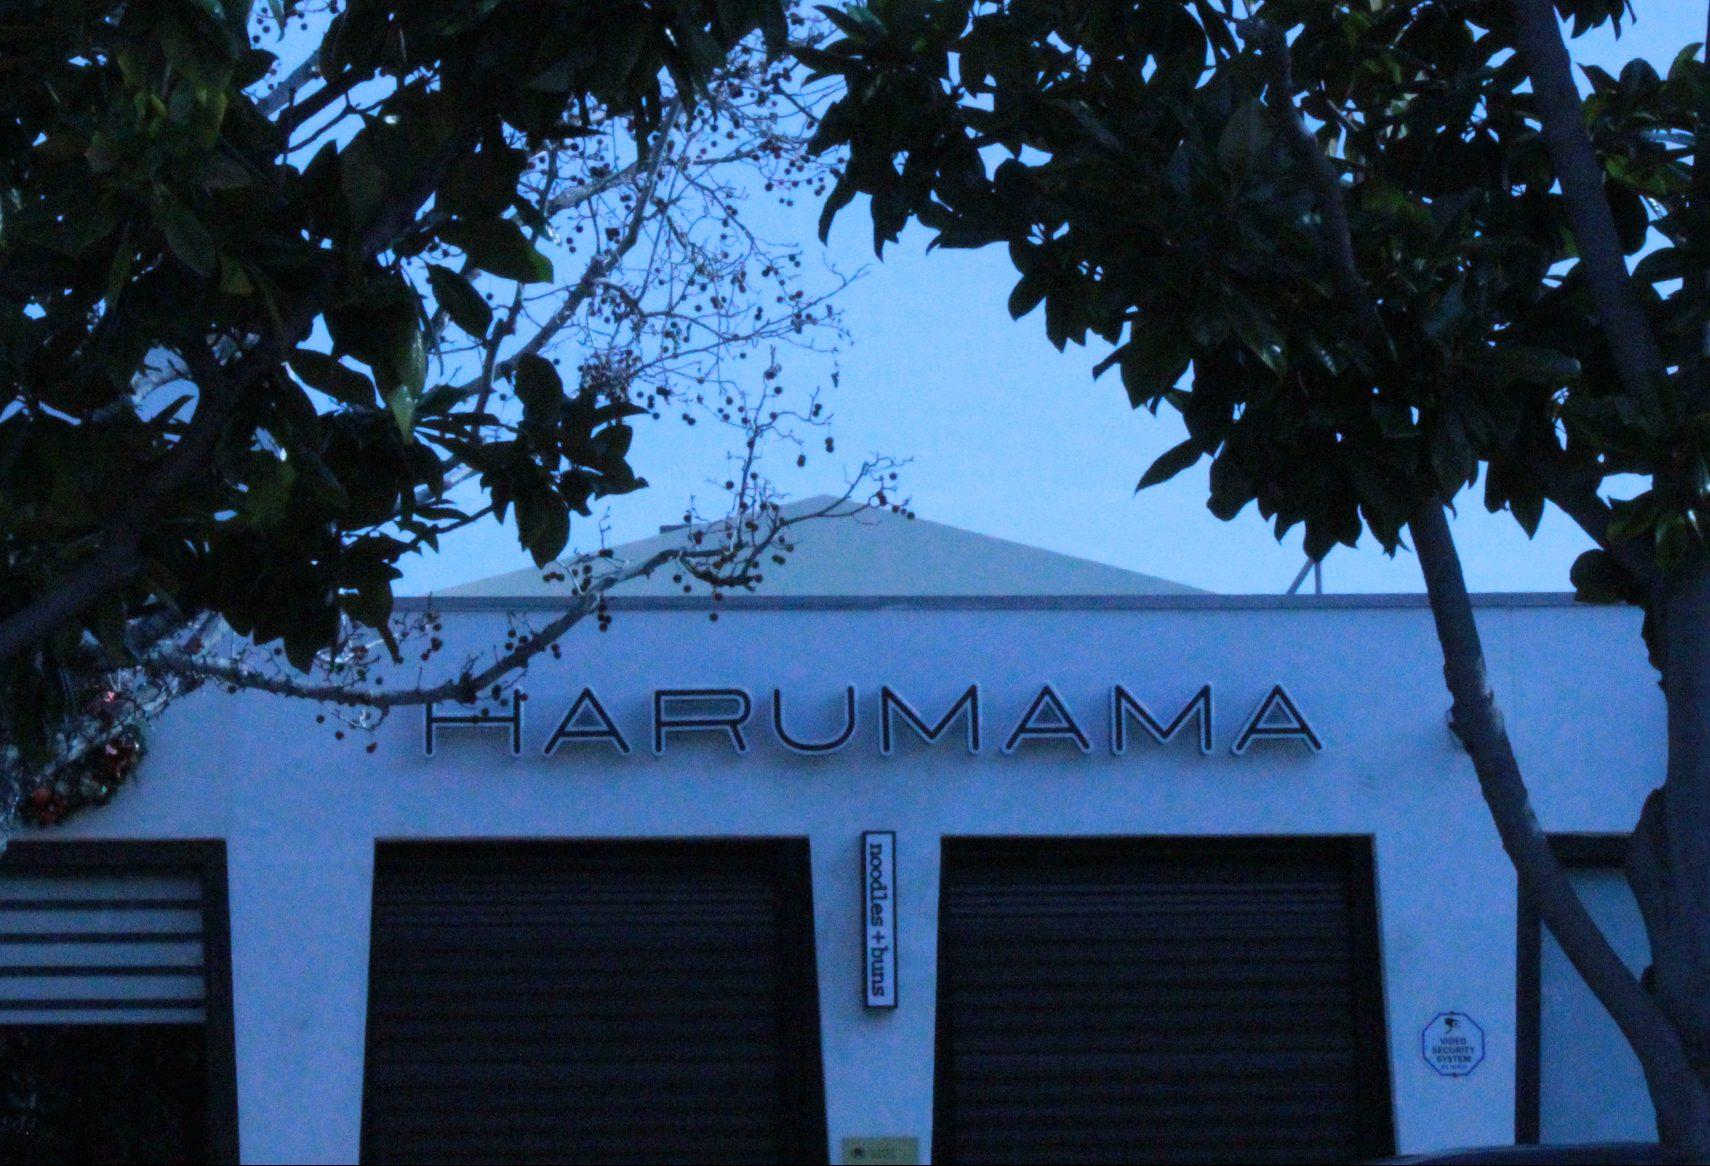 outside Harumama